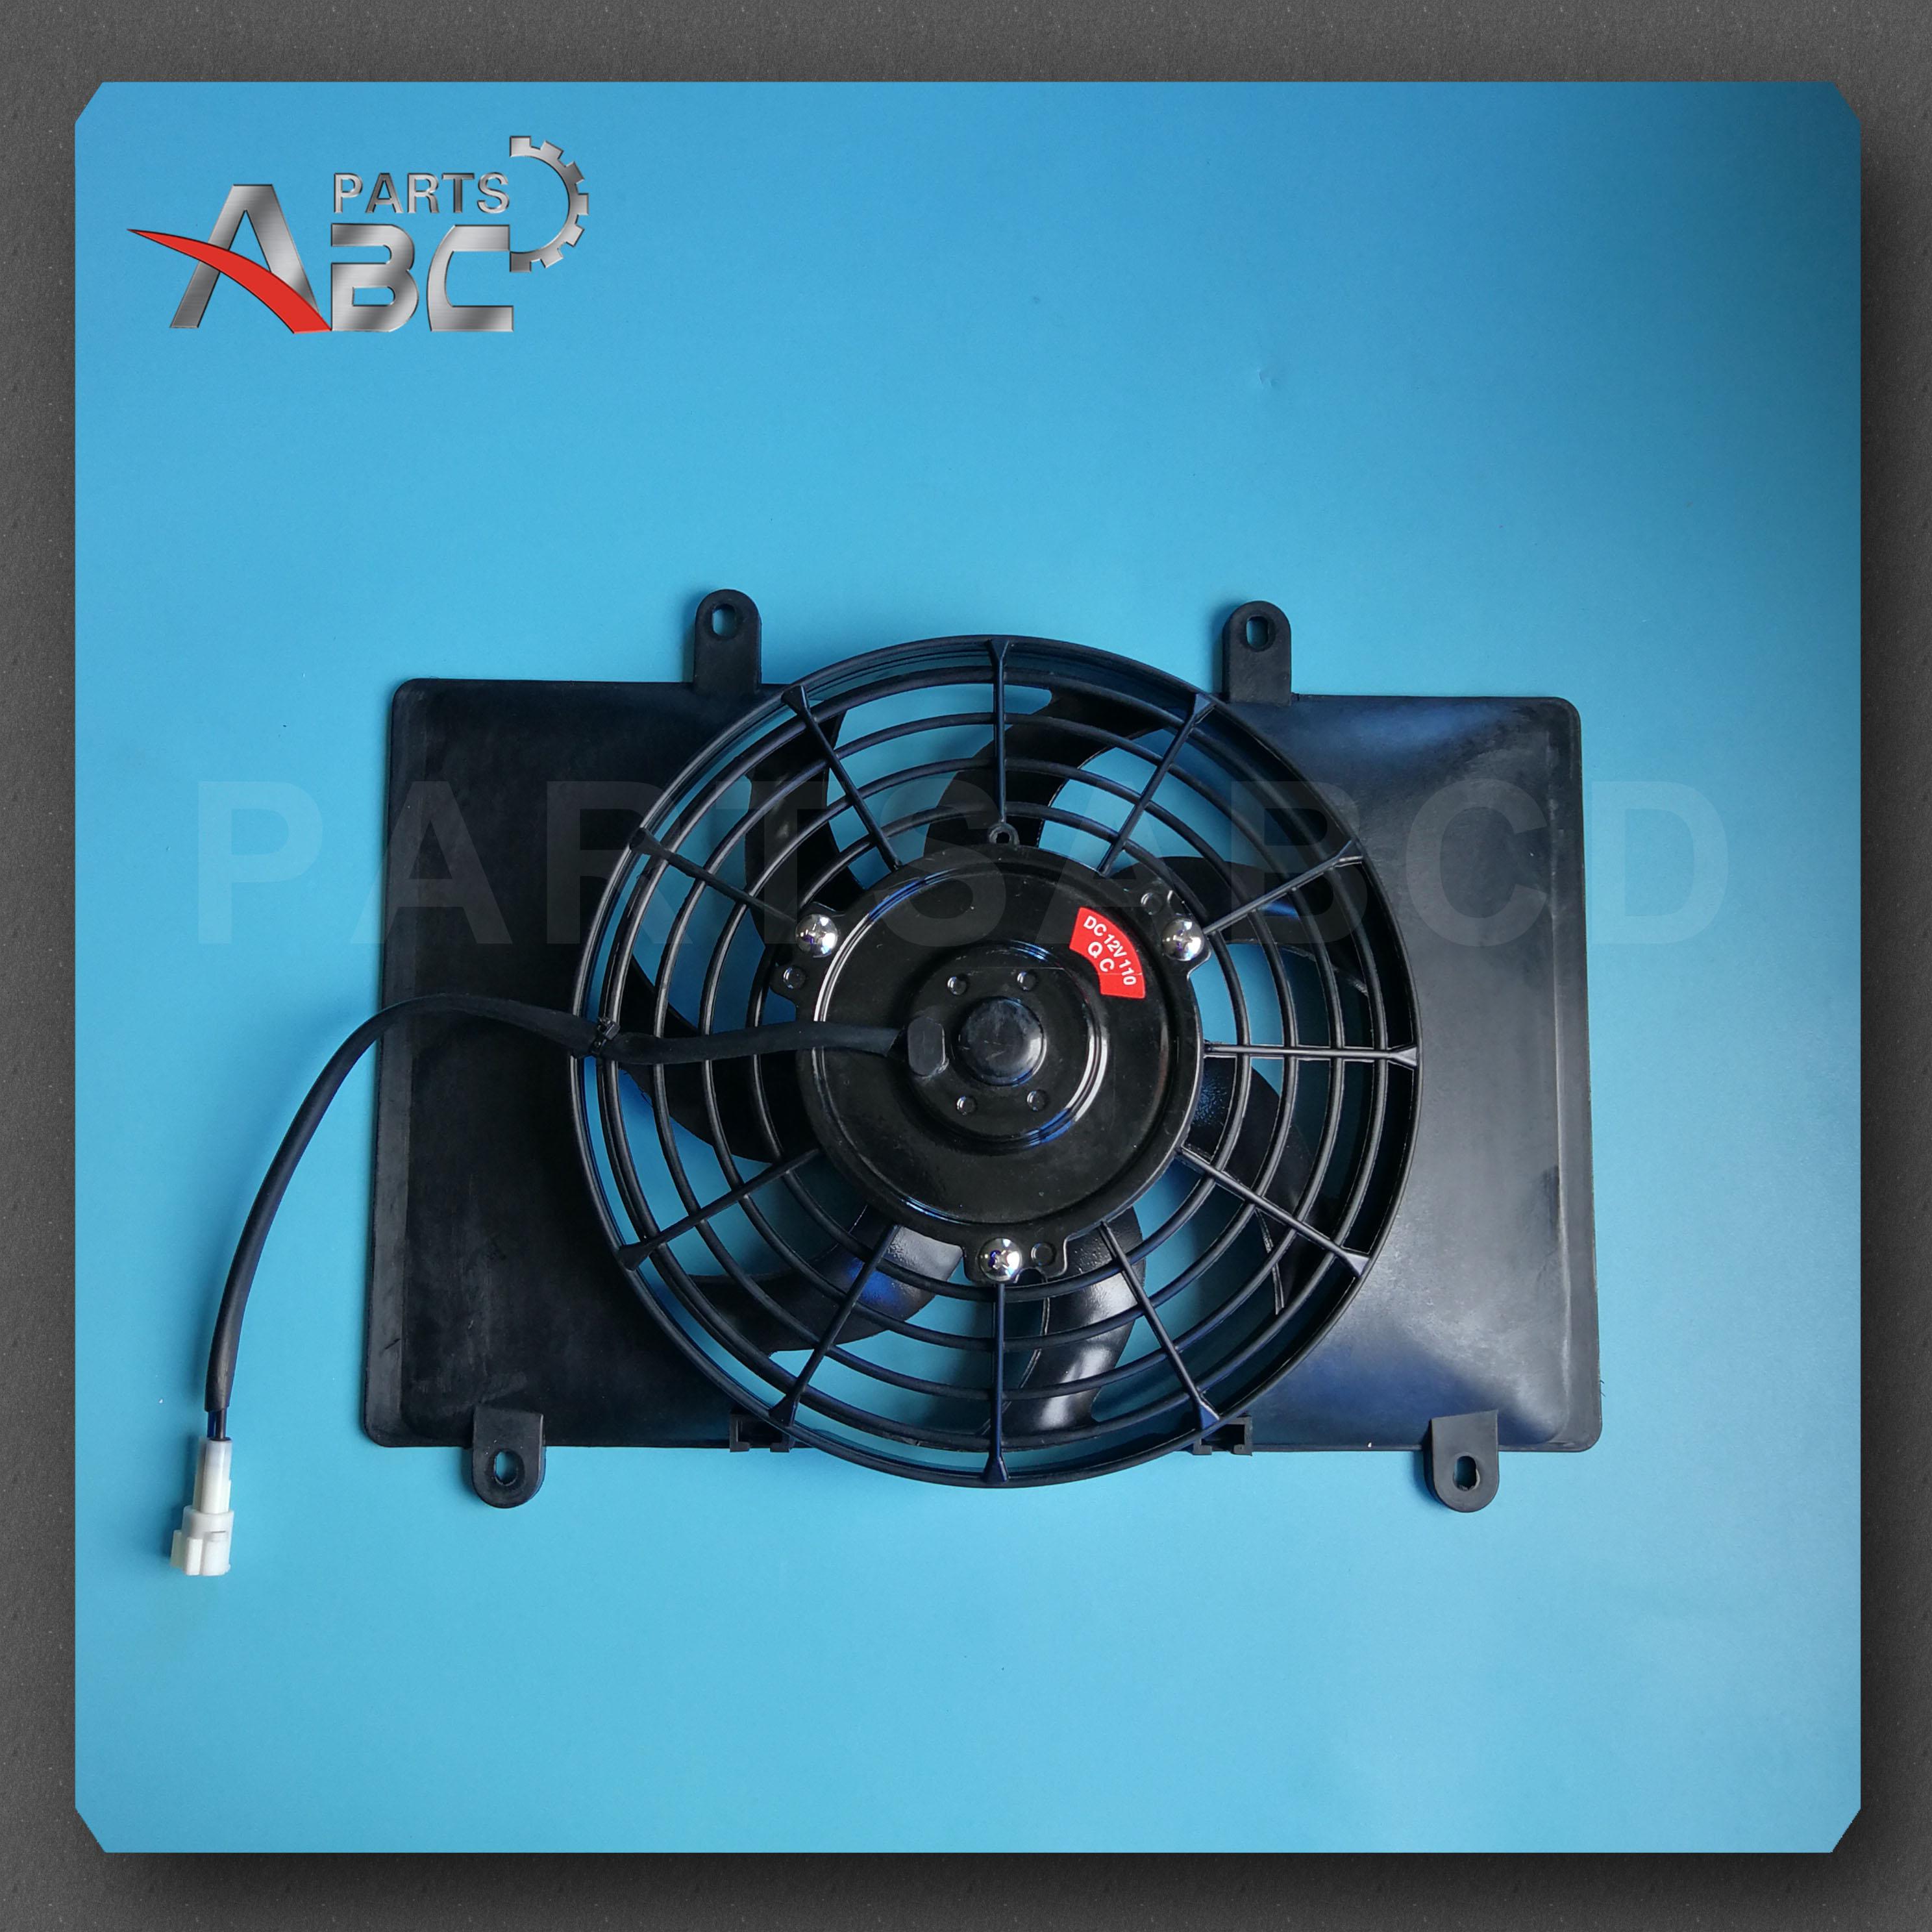 Вентилятор Assy для Hisun 500CC 700CC ATV Quad 19230-058-0000 HS ATV части